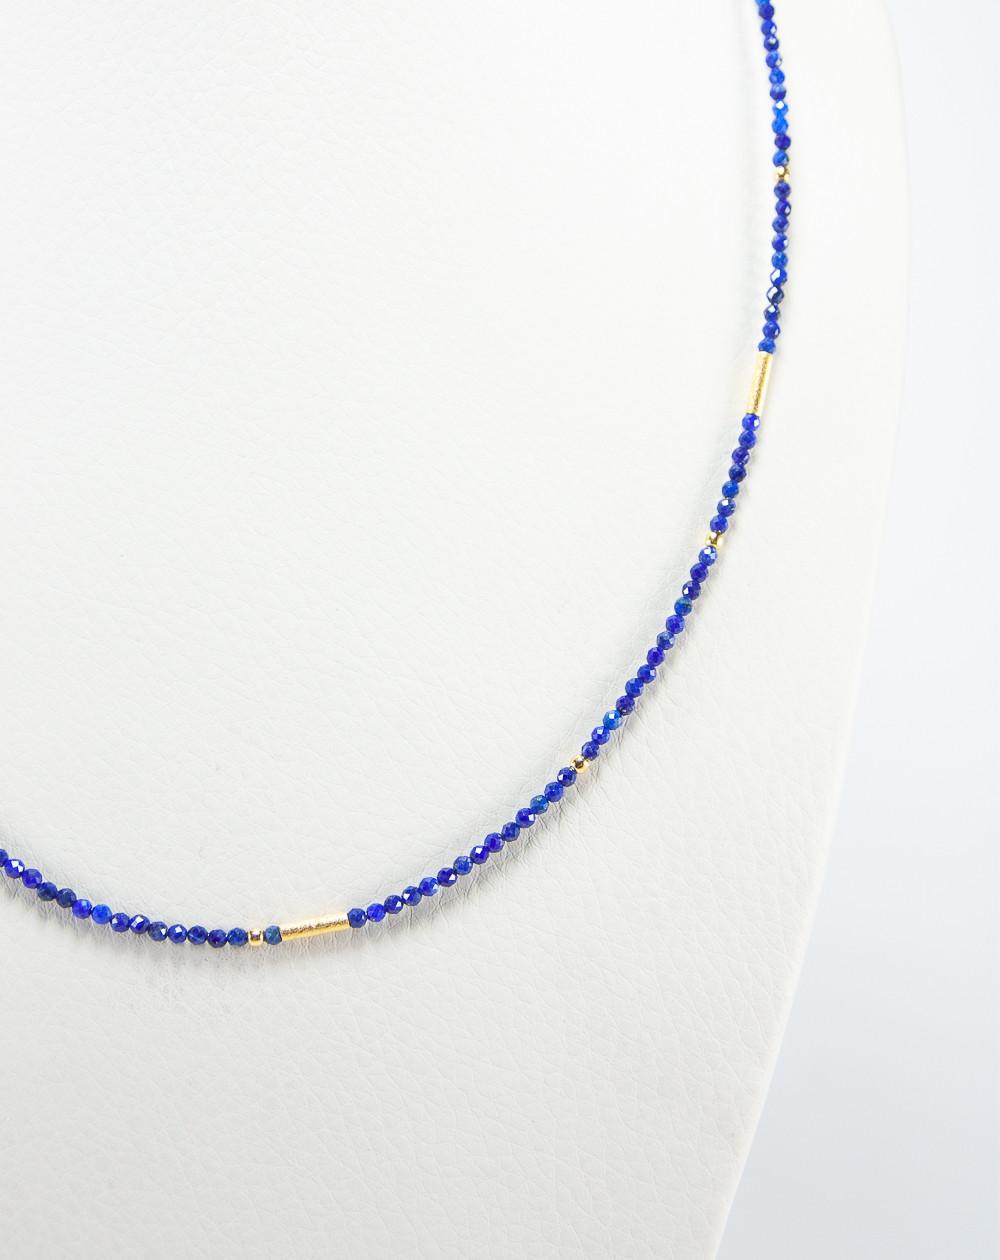 Collier collection épure en Lapis Lazuli, Sanuk Création